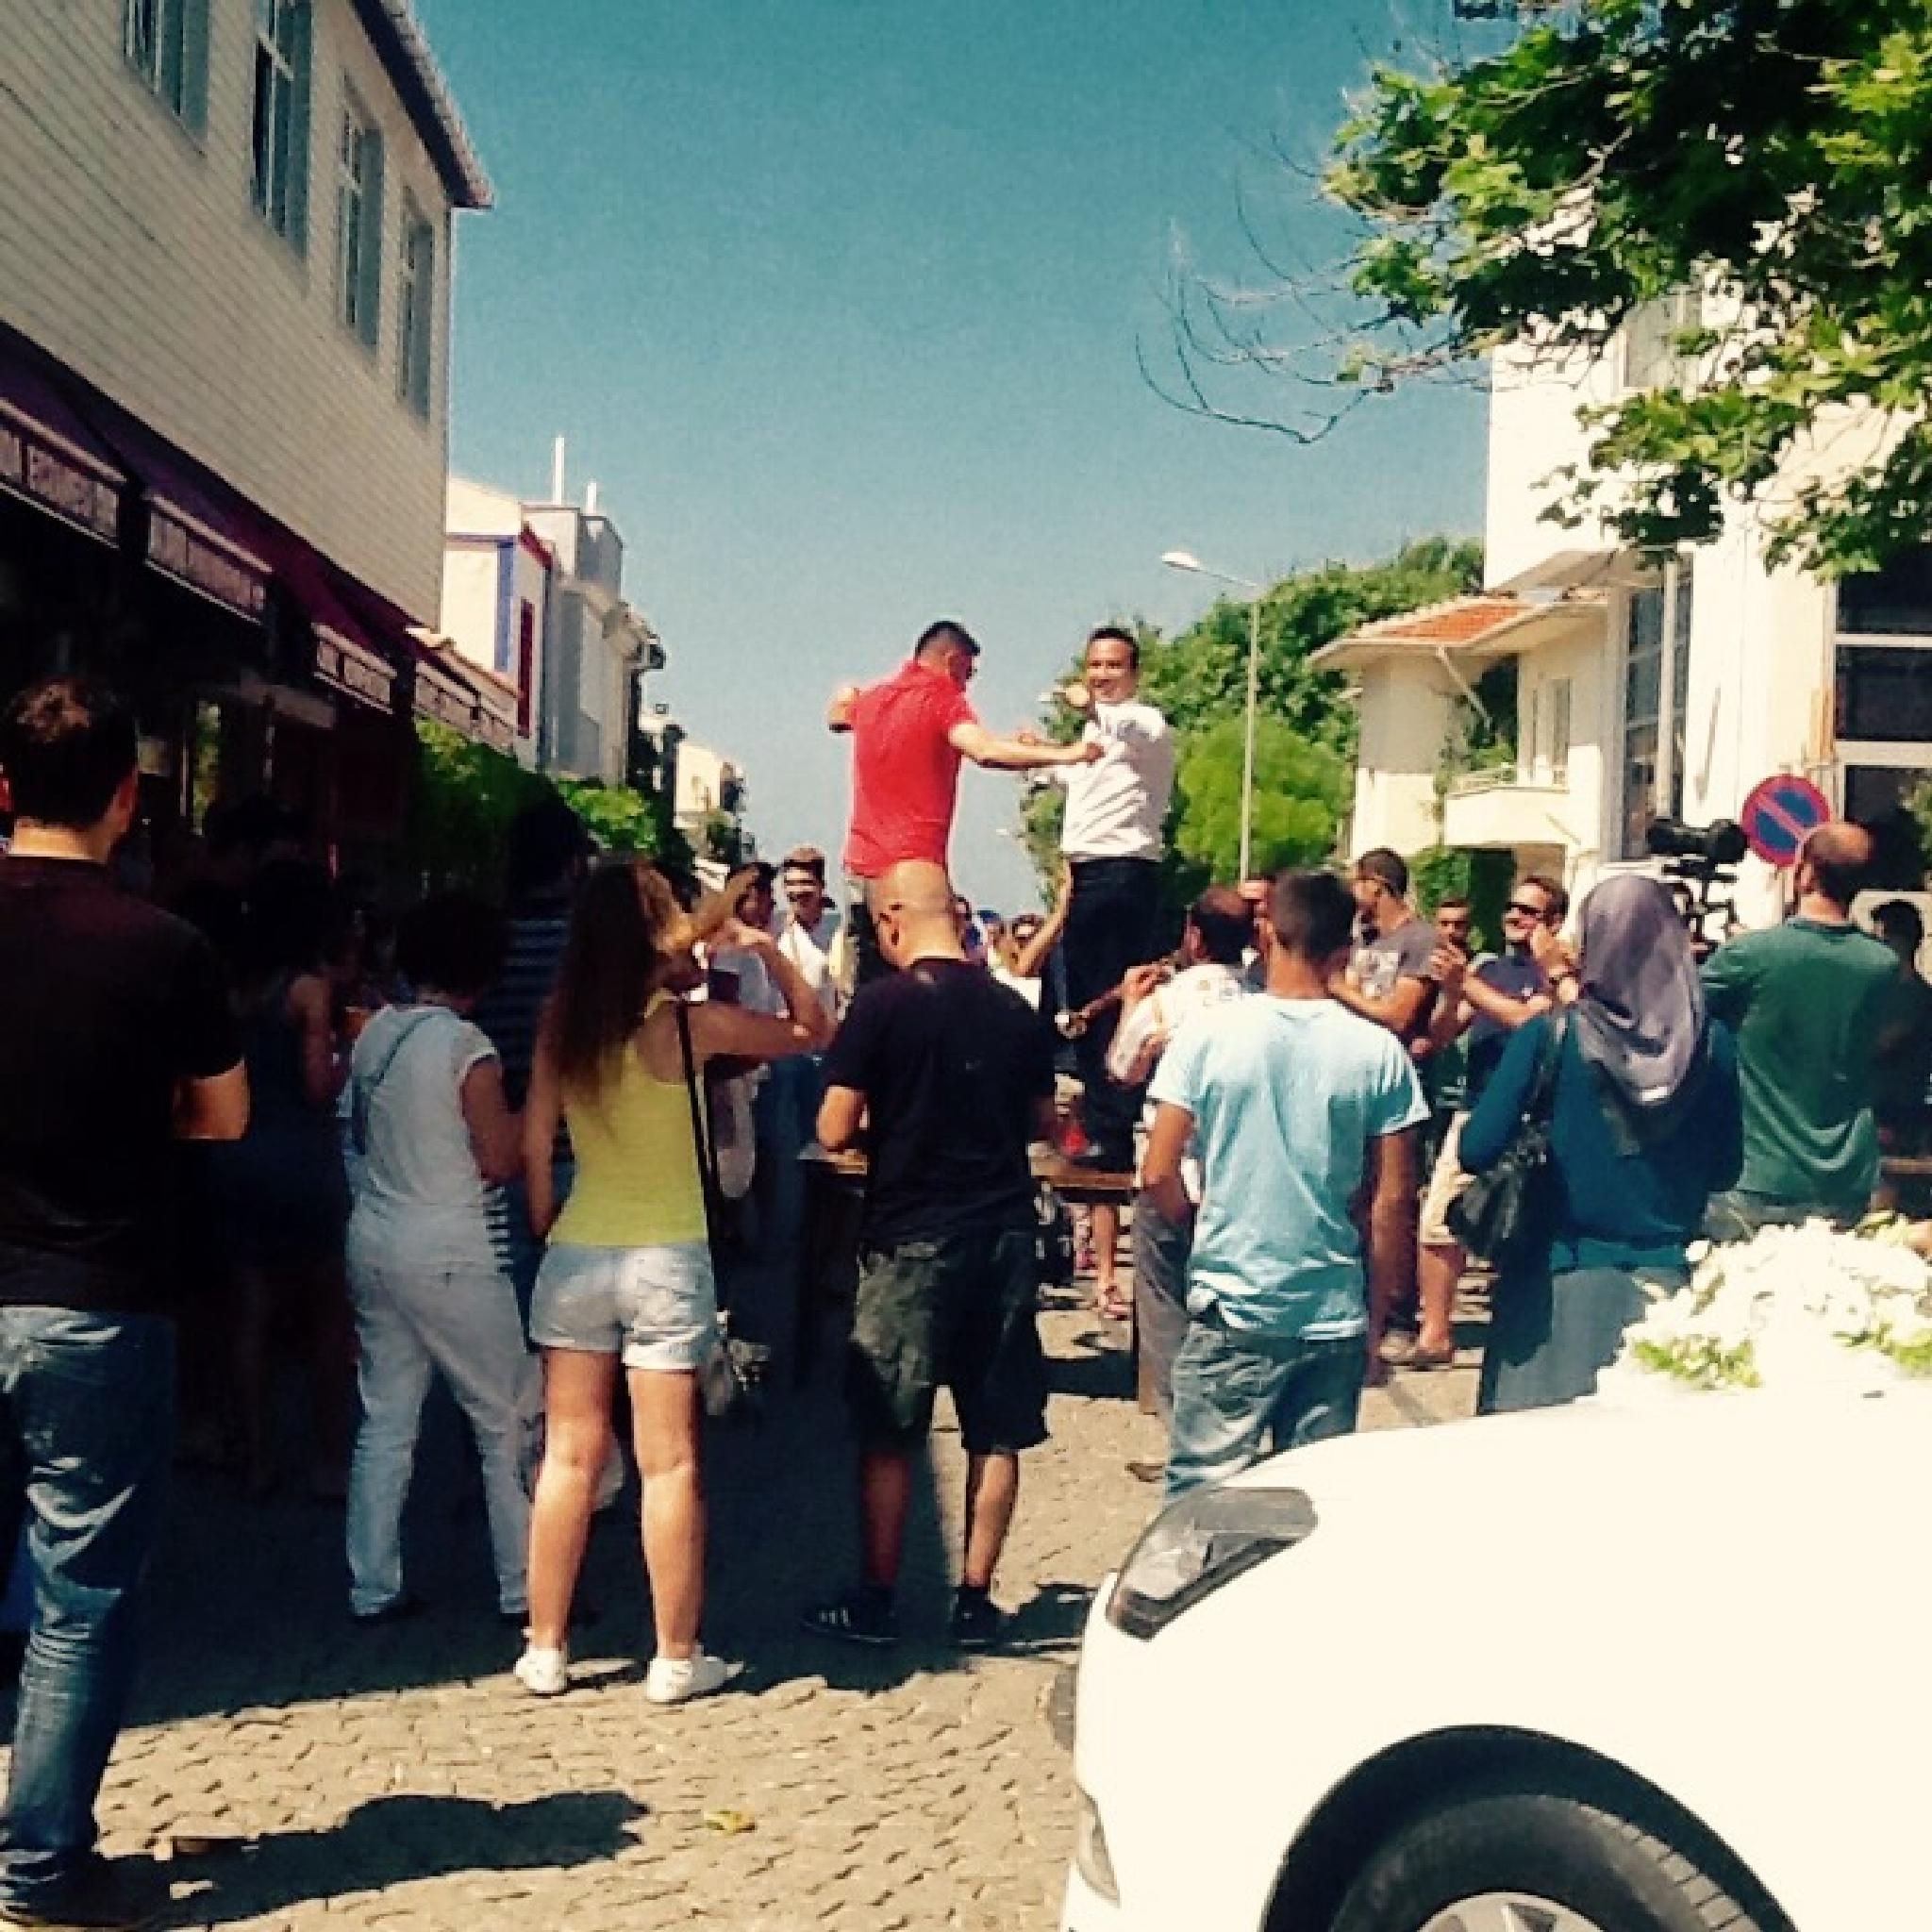 Dancing groom in the street before wedding in Bozcaada by Meriç Aksu